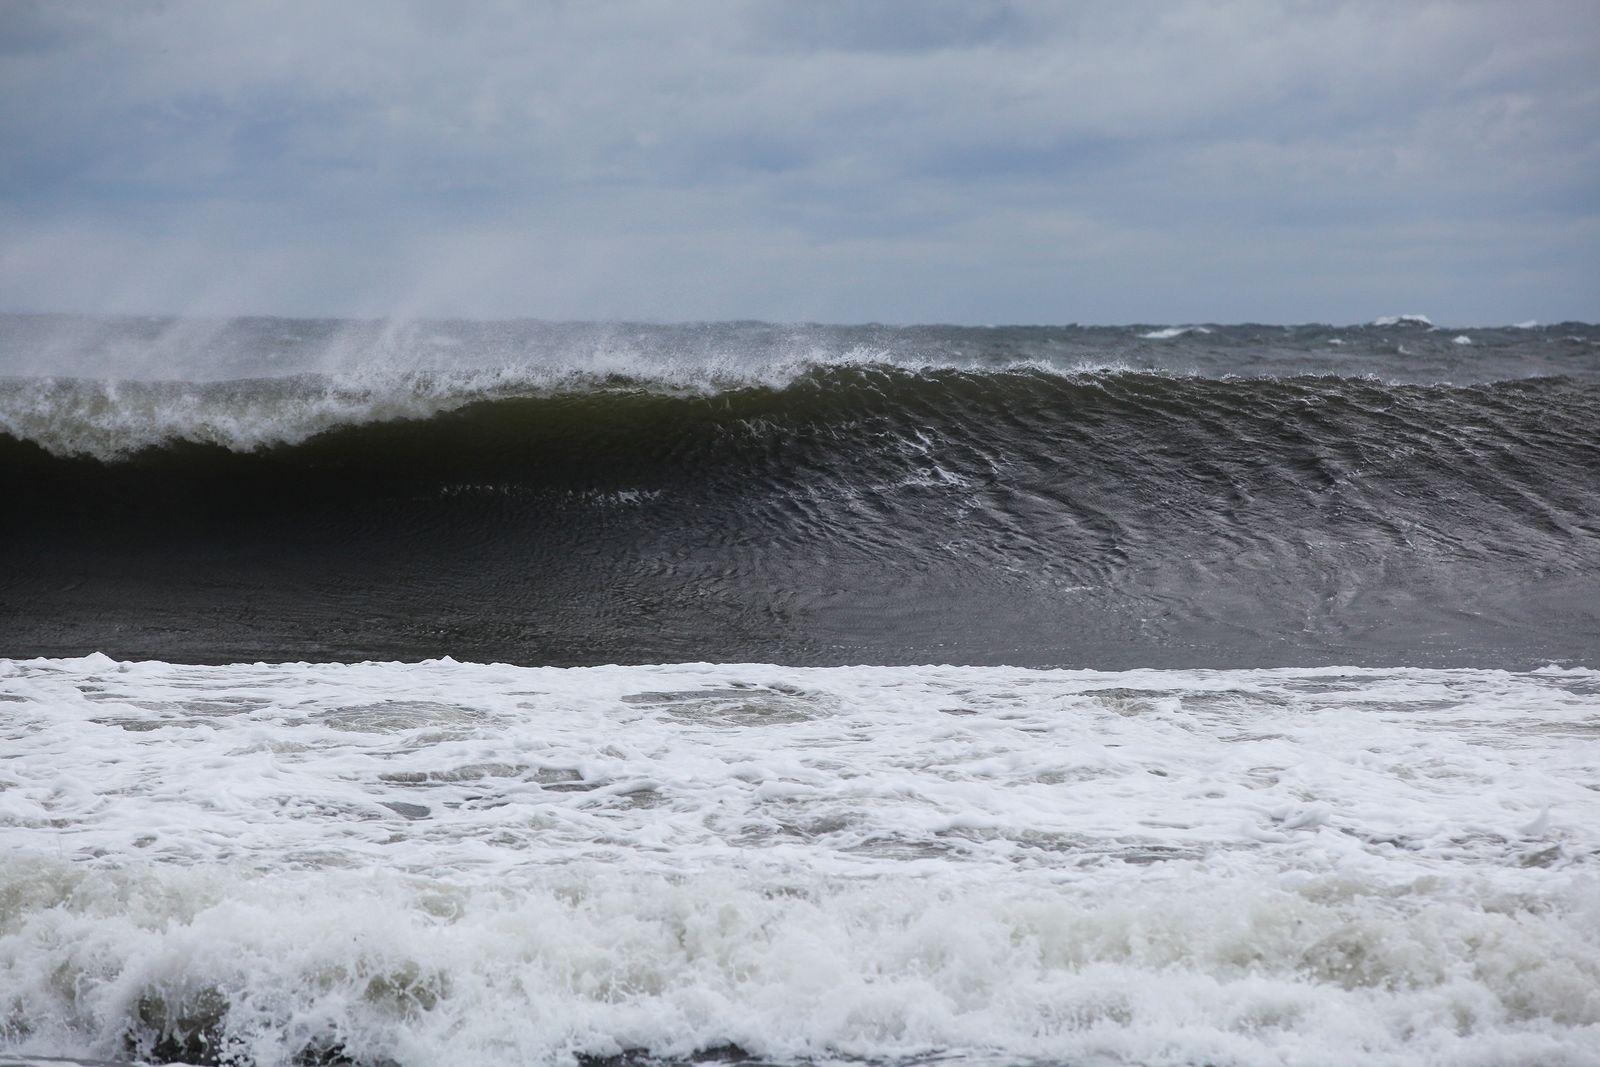 Emellanåt var vågorna exceptionellt rena.